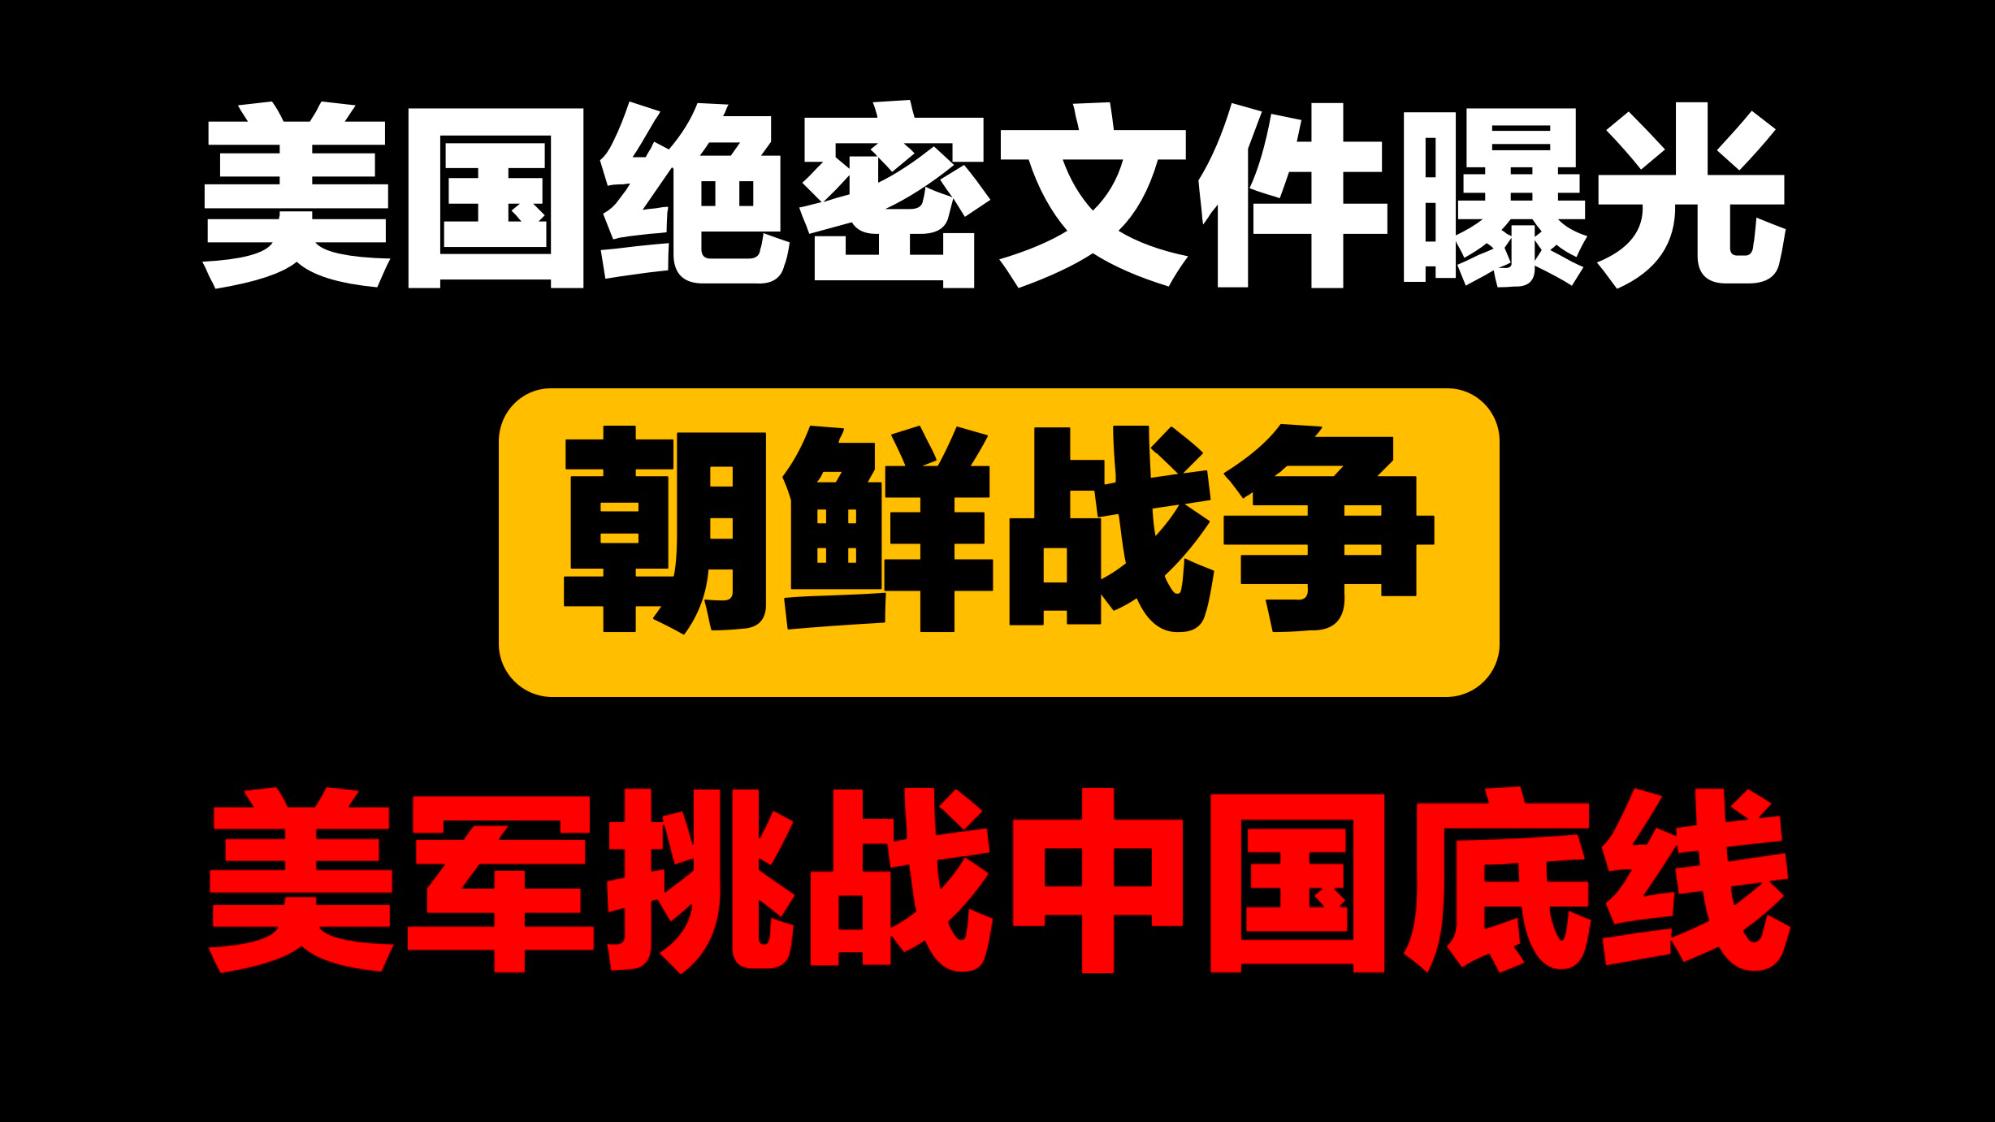 仁川大捷,平壤沦陷后,美军如何挑战中国底线?